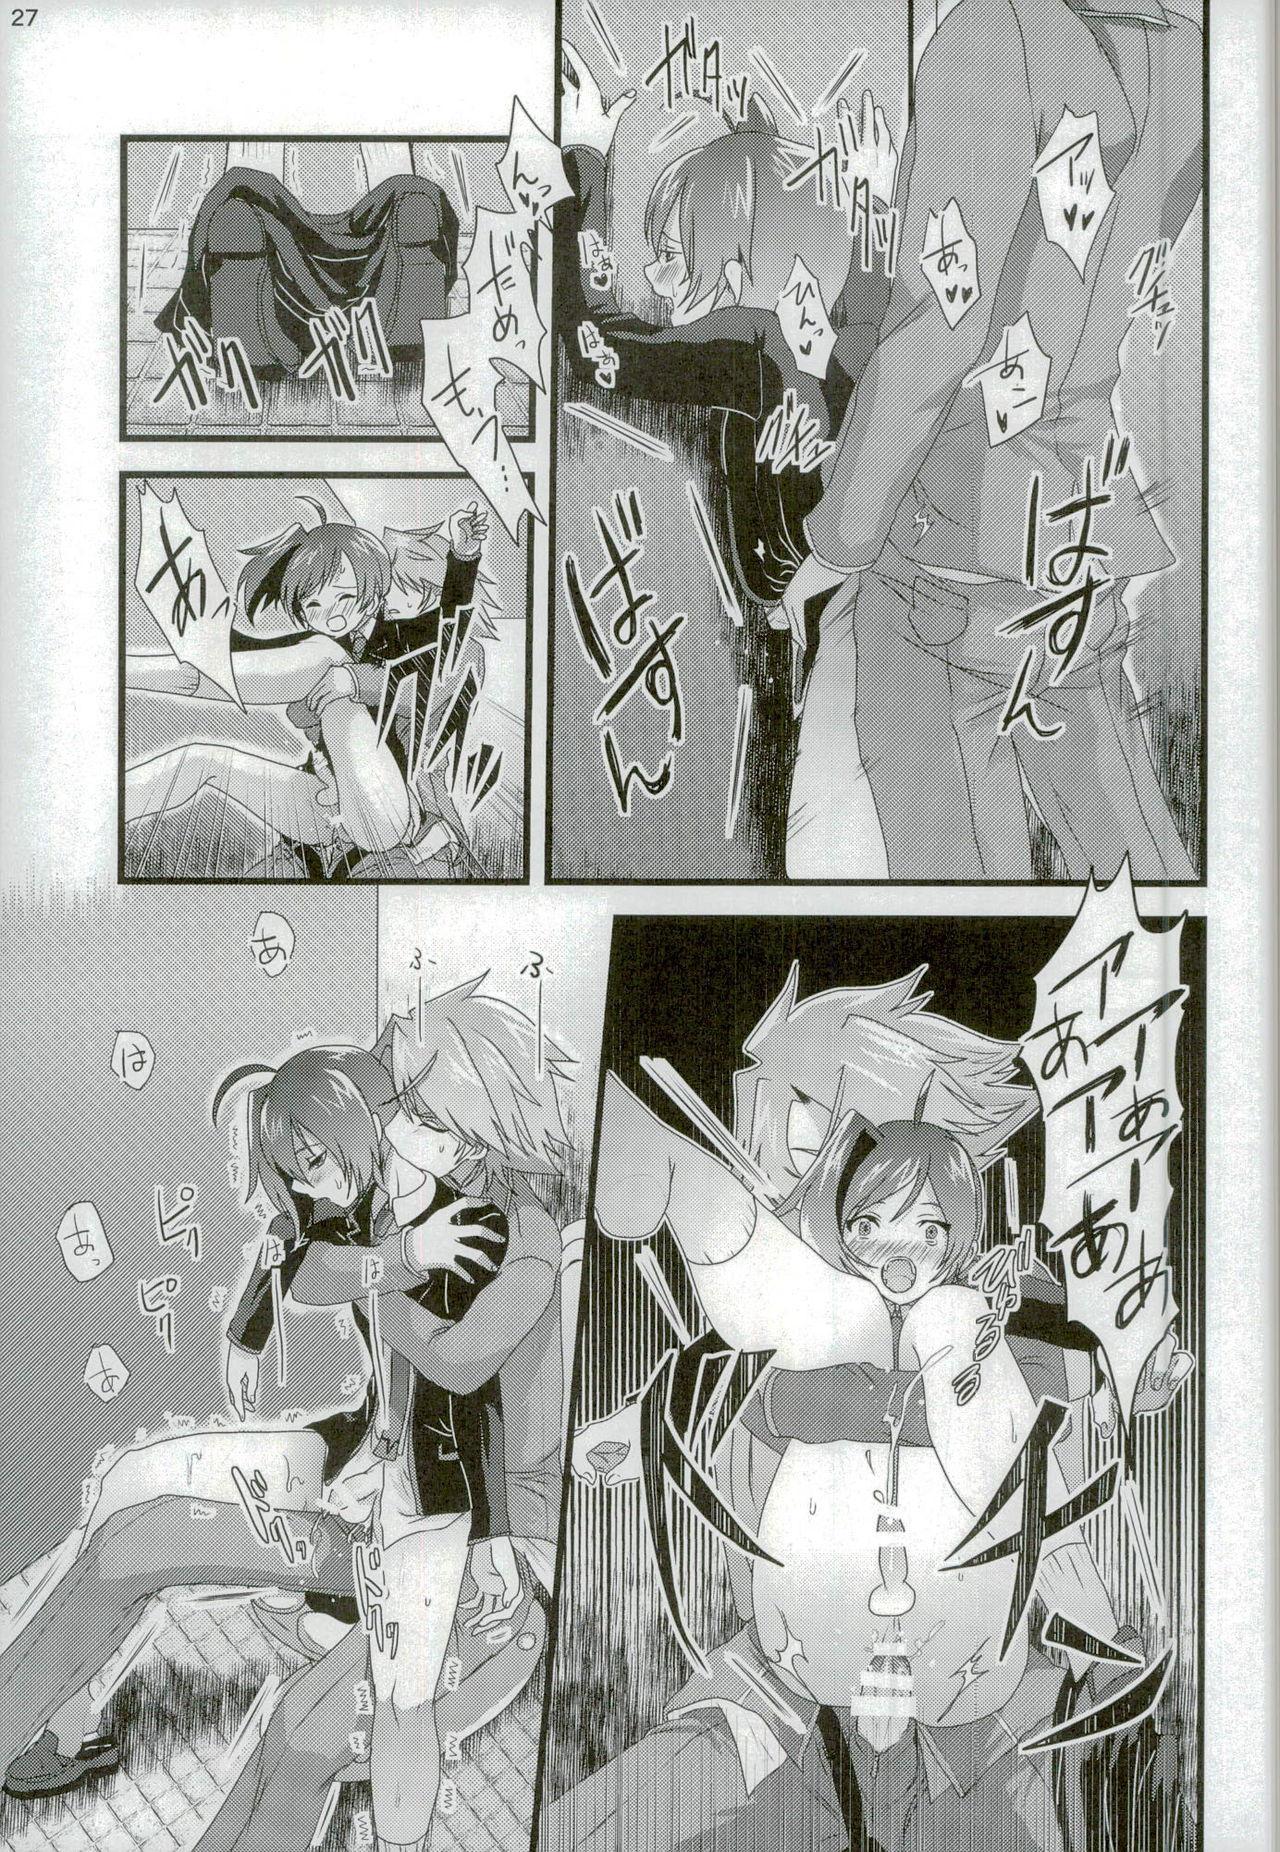 Kai-kun no Bunshin wa Fight de Shika Stand Shinai 26